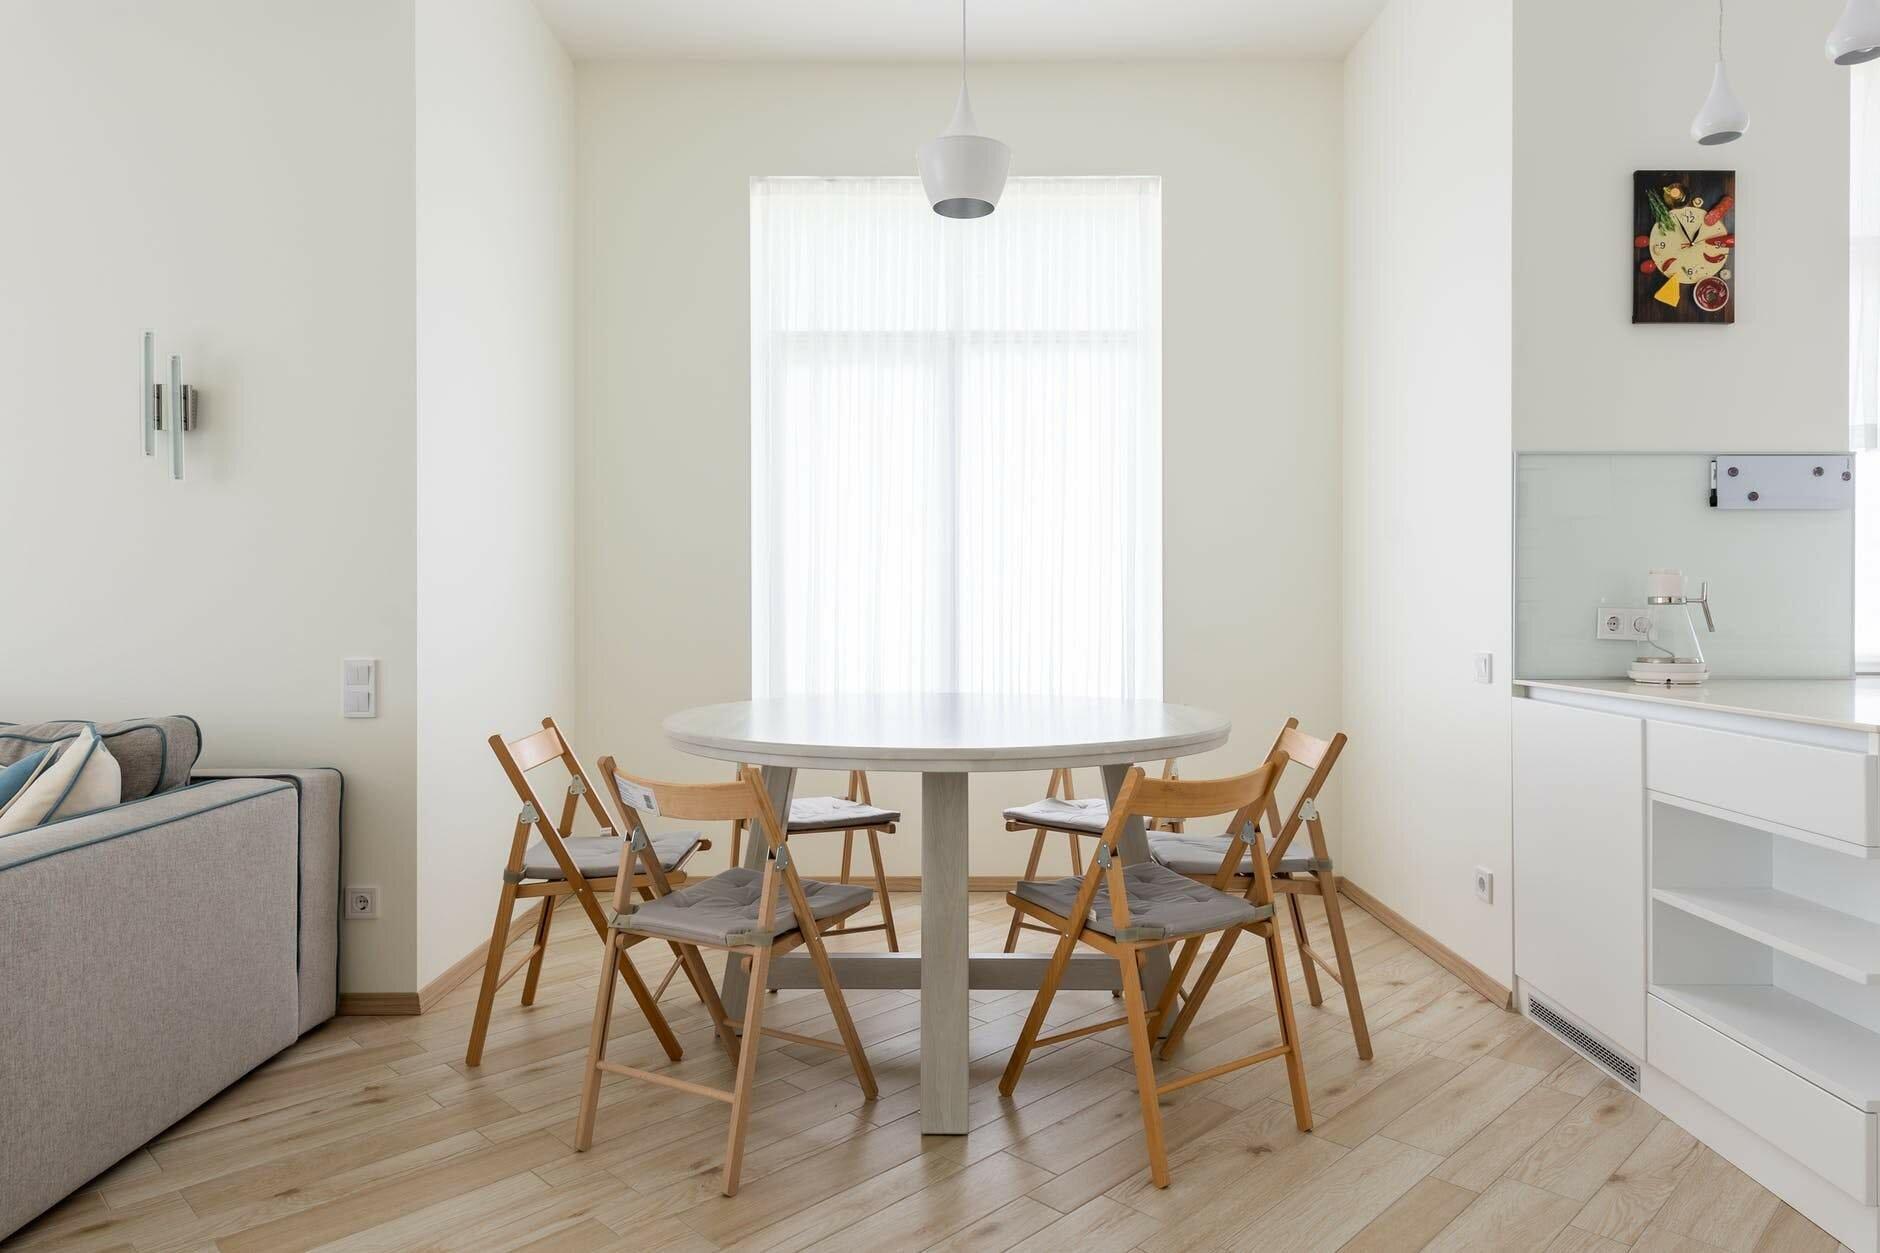 Обирайте круглі та стійкі меблі